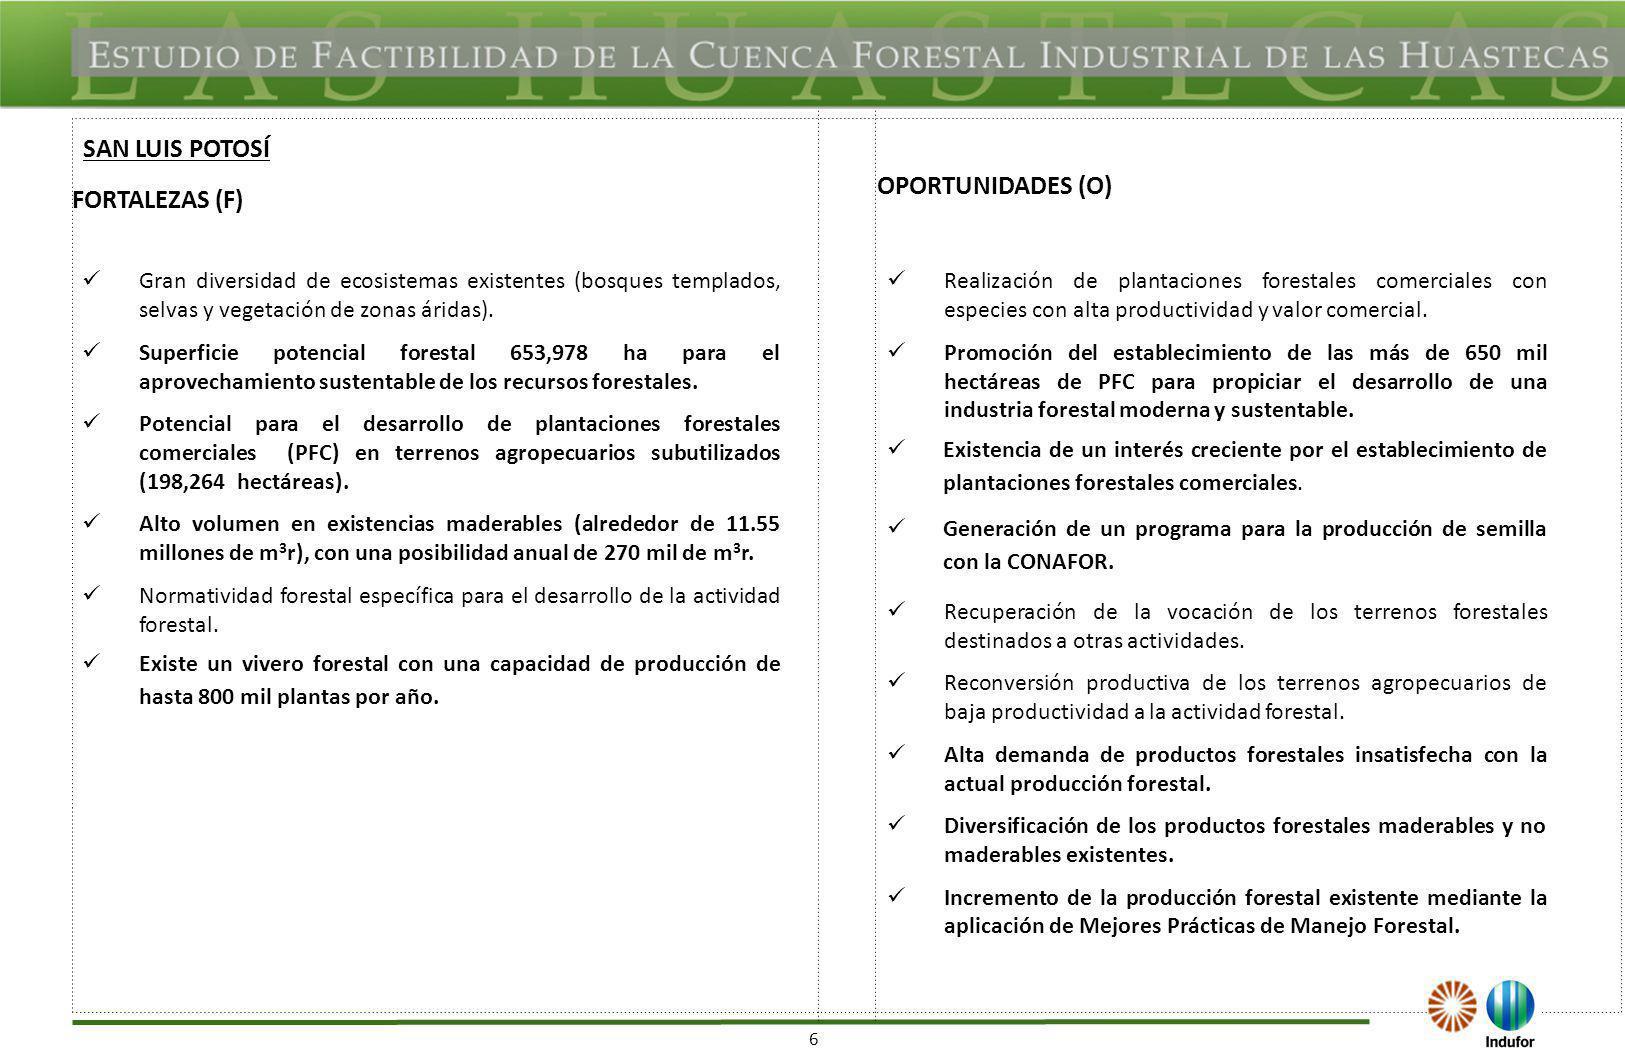 7 DEBILIDADES (D) AMENAZAS (A) Alta fragmentación en la tenencia de la tierra para el desarrollo de la actividad forestal.